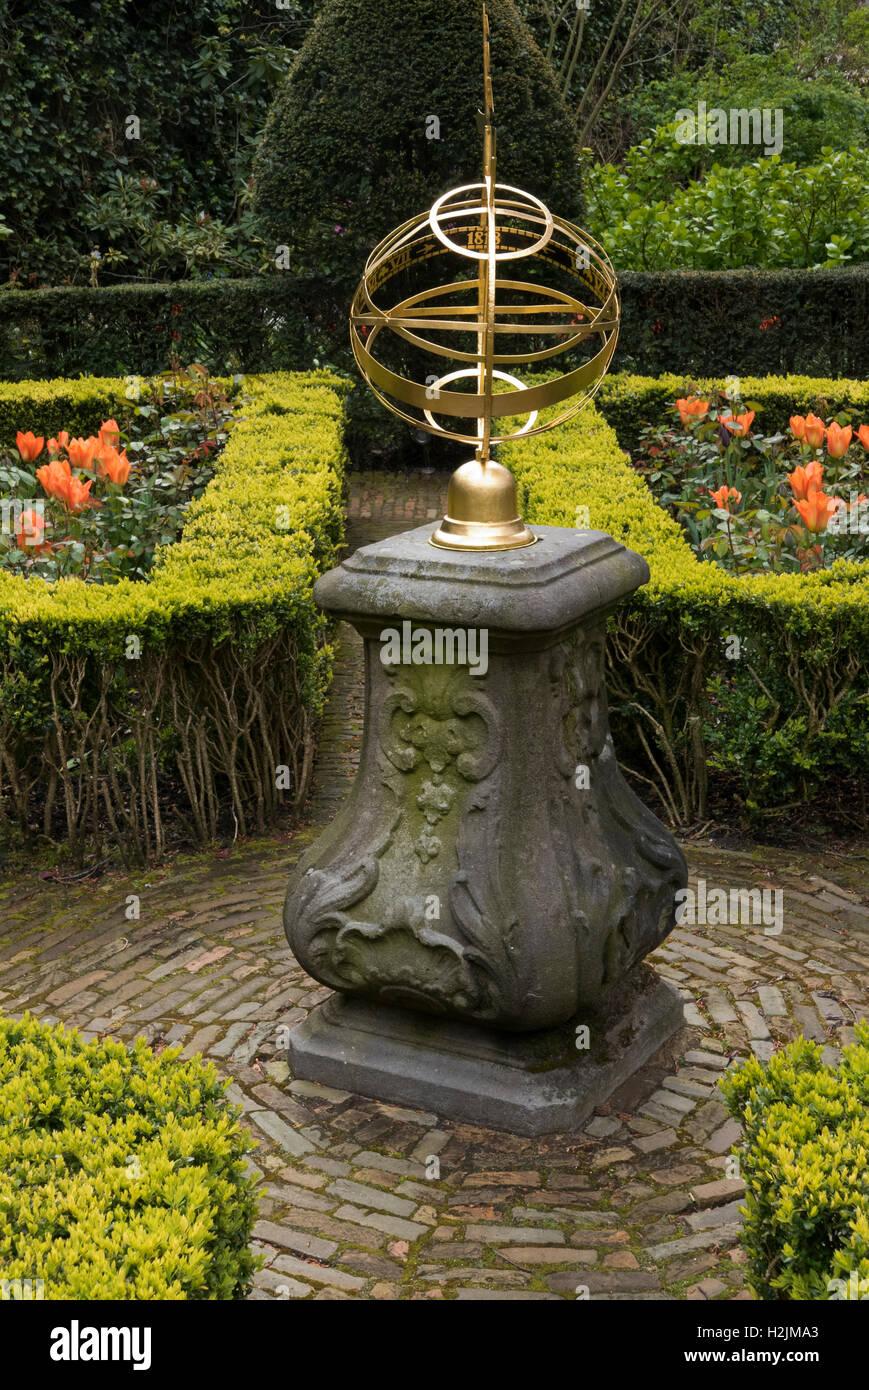 Garden Amsterdam Stock Photos & Garden Amsterdam Stock Images - Alamy